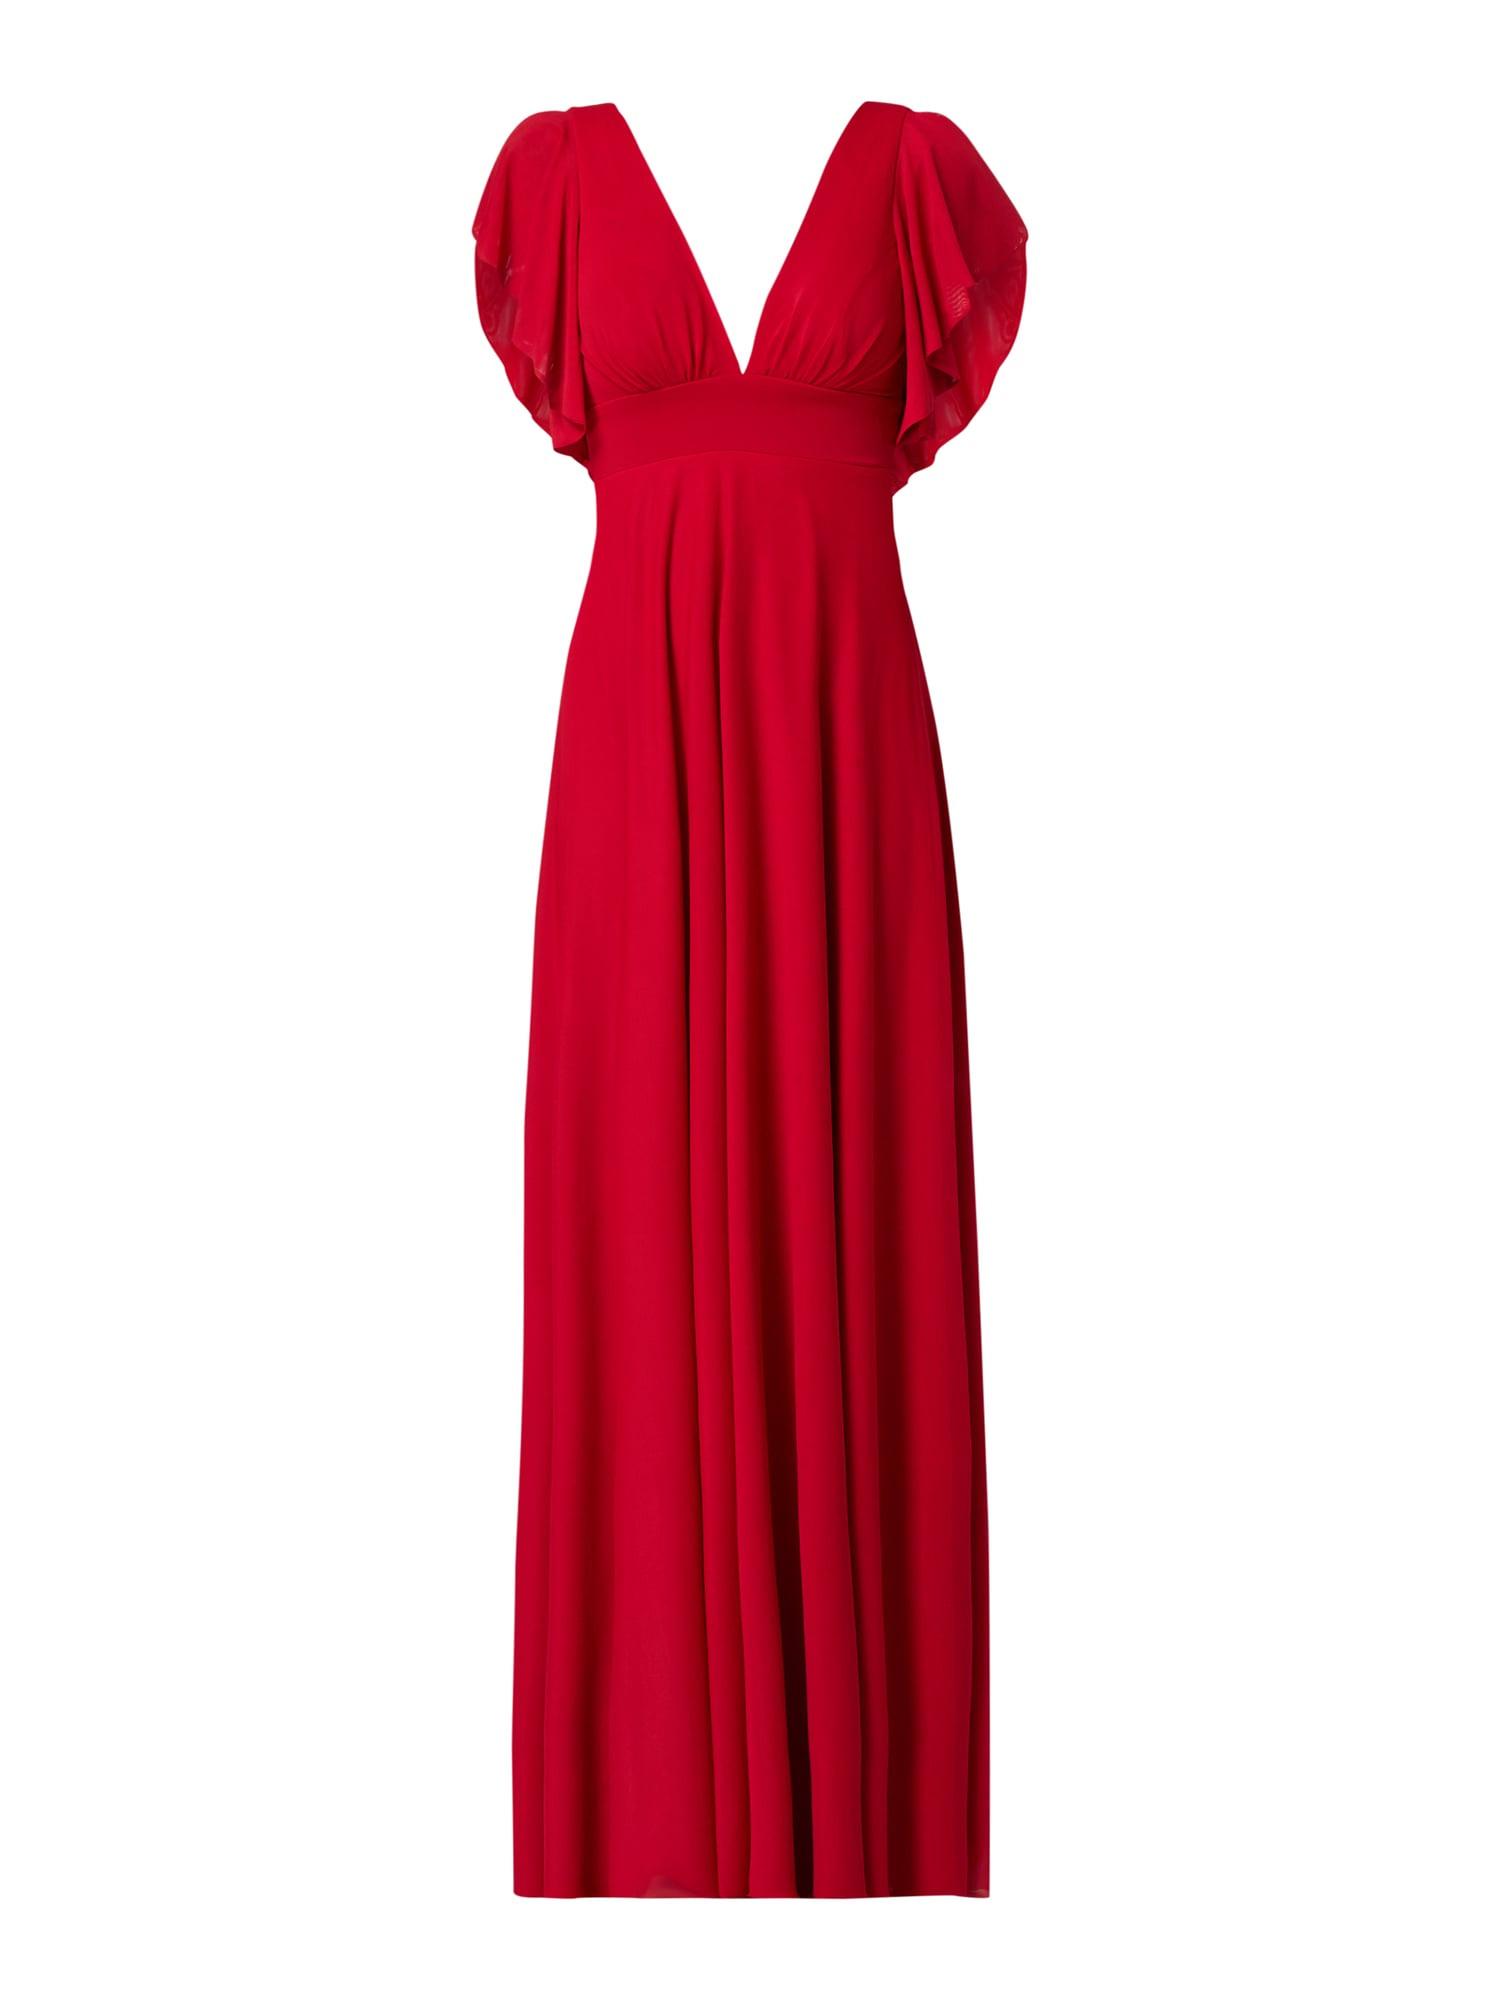 Formal Ausgezeichnet P&C Abendkleider Sale StylishFormal Erstaunlich P&C Abendkleider Sale Design